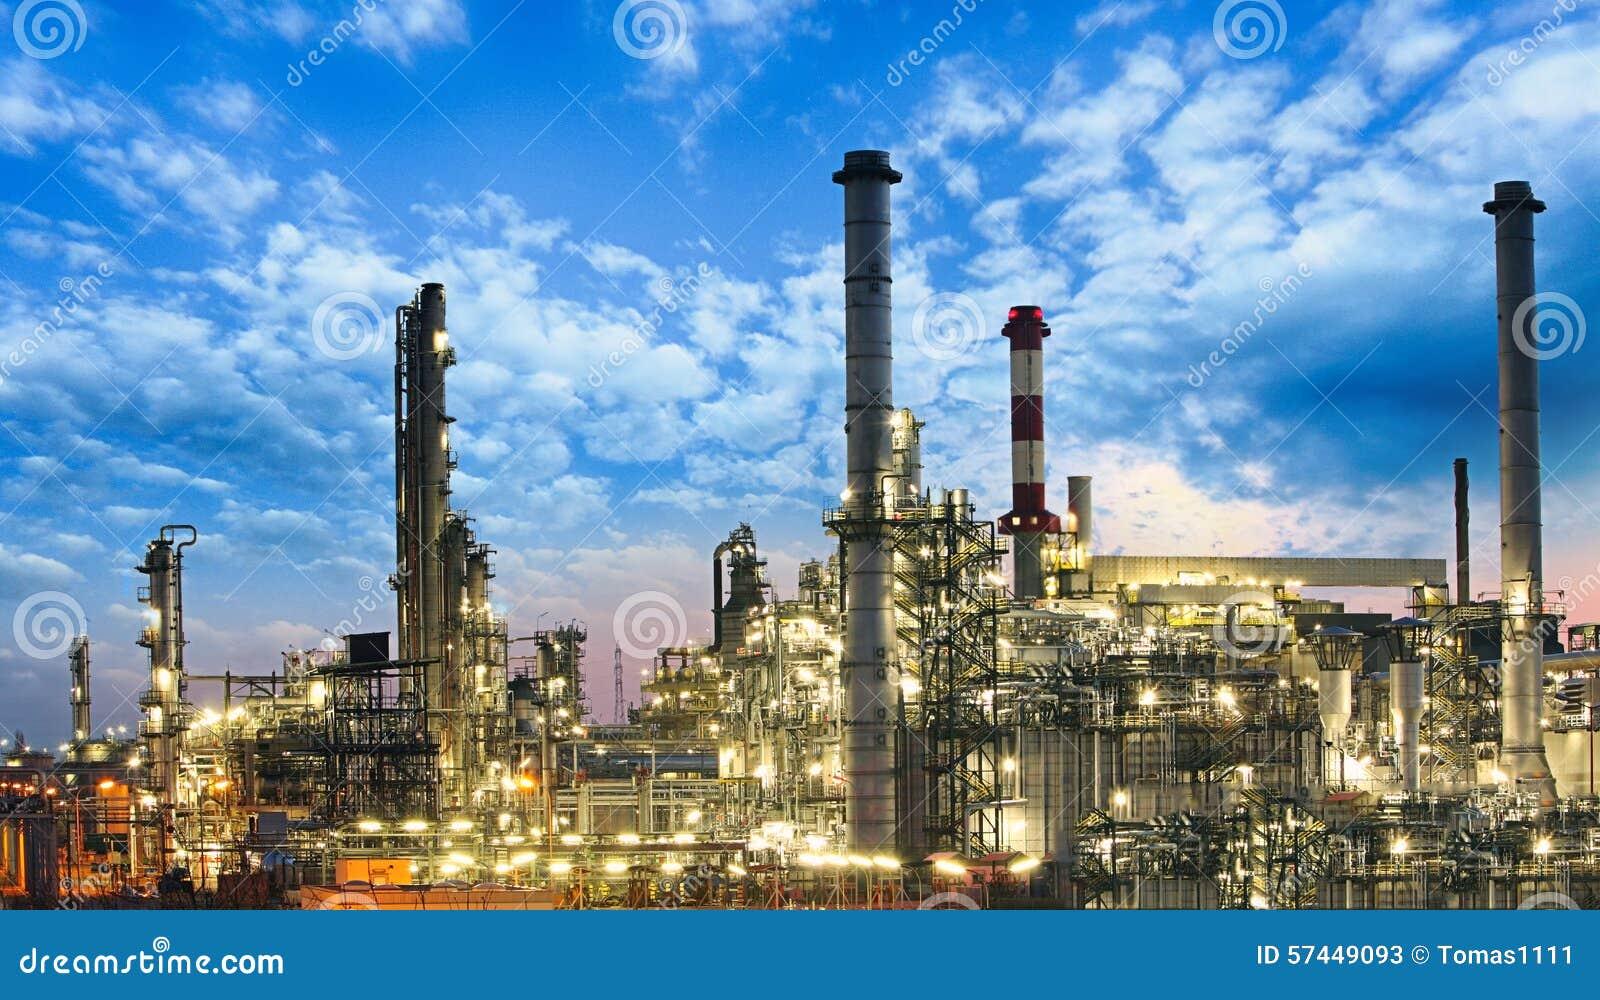 Industria del petróleo y gas - refinería, fábrica, planta petroquímica